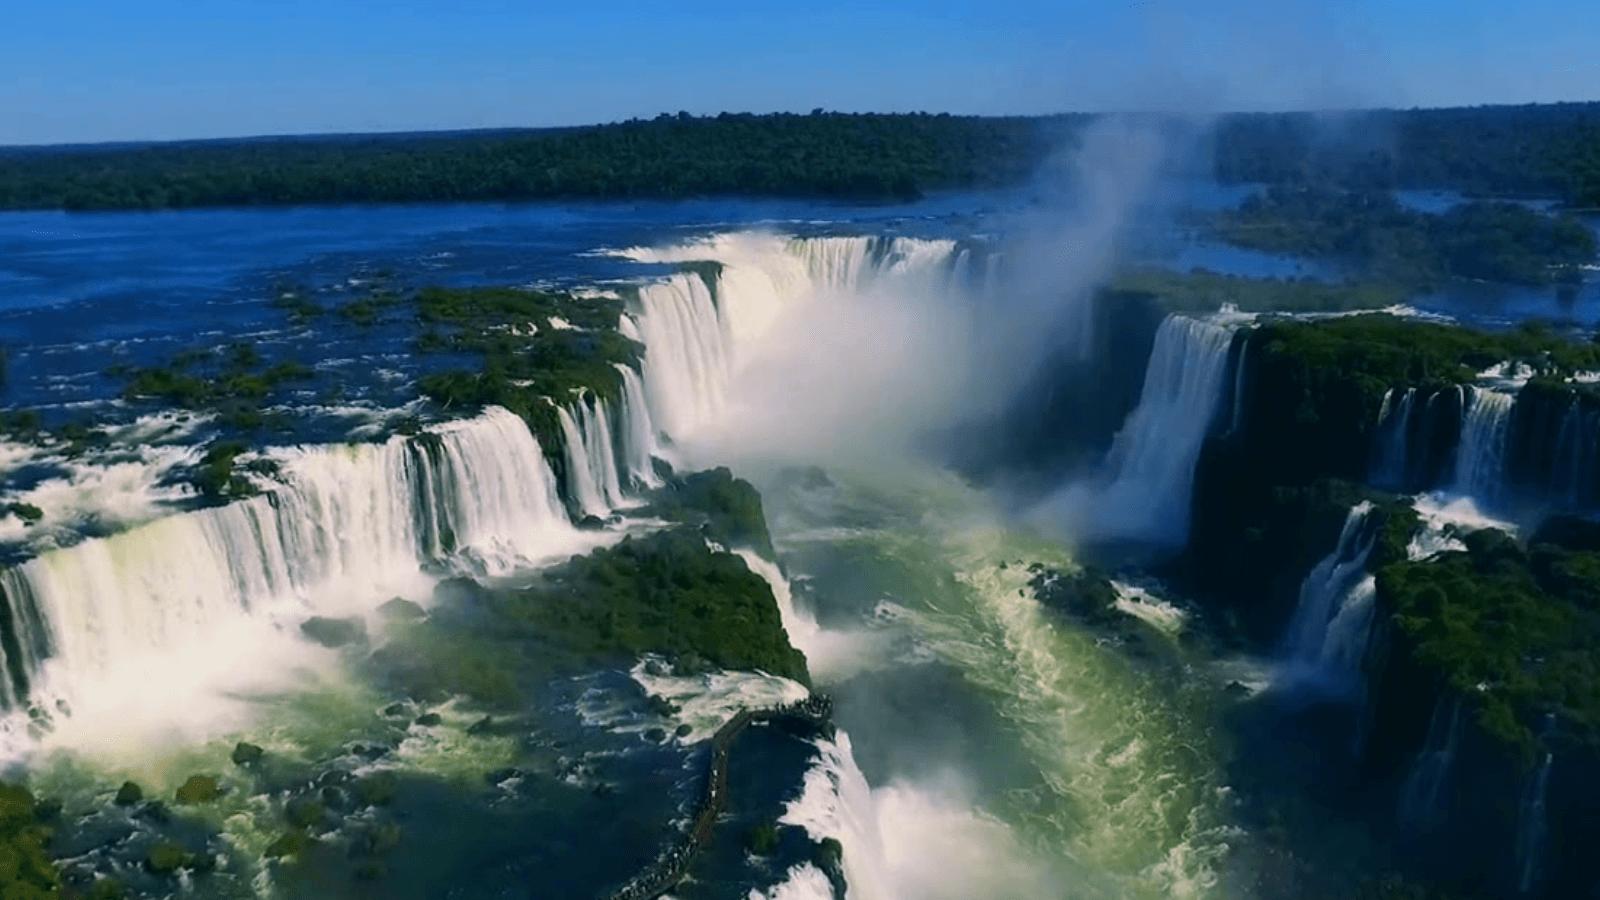 Video Las imágenes registradas por este drone muestran a las Cataratas del Iguazú como nunca las viste 1